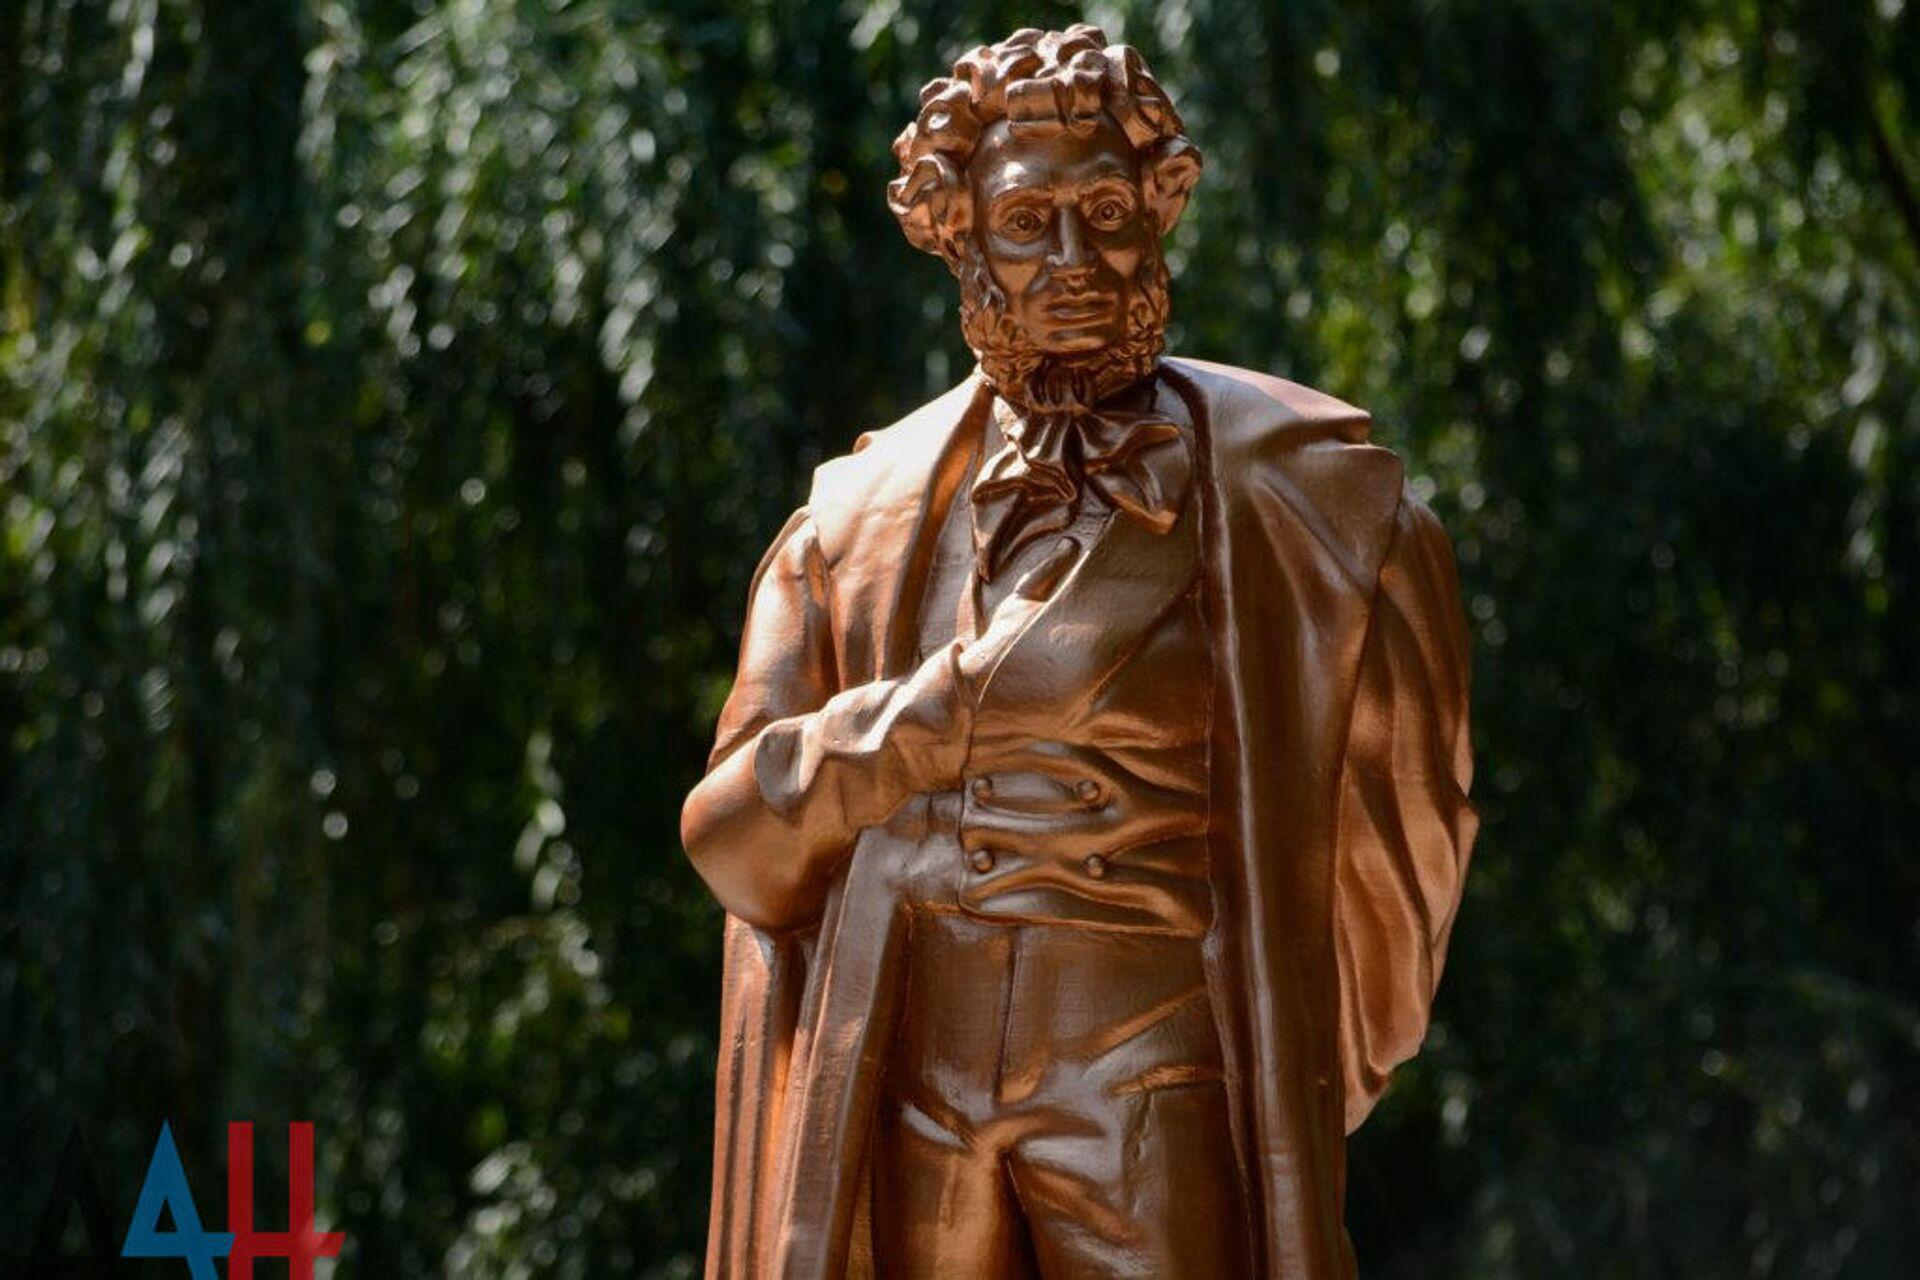 В Донецке открыли напечатанный на 3D-принтере памятник Пушкину - РИА Новости, 1920, 28.02.2021